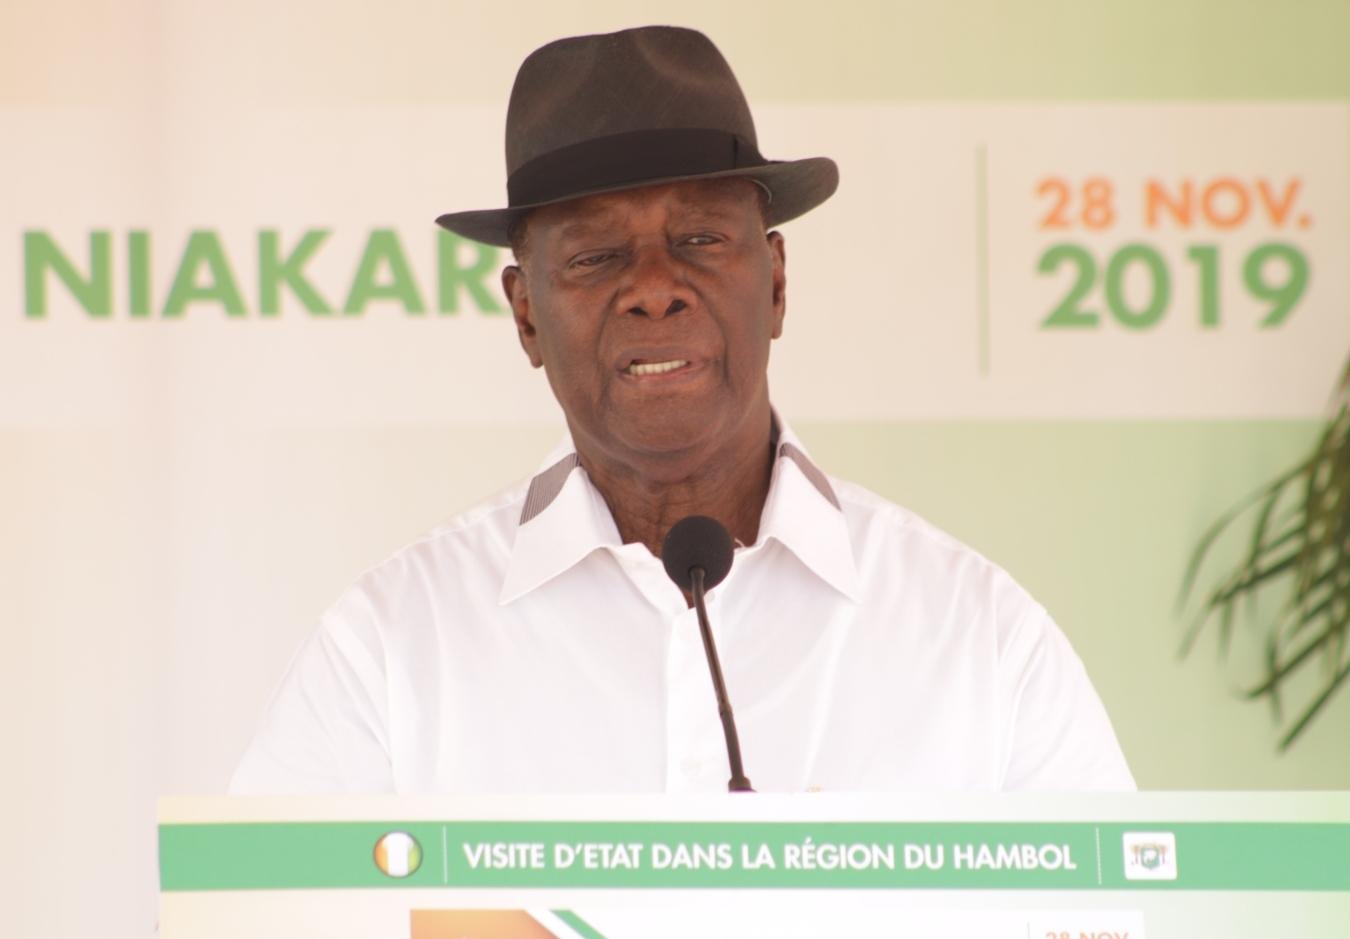 depuis-le-hambol-alassane-ouattara-titille-ses-opposants-quot-le-gouvernement-est-au-travail-pas-dans-le-bavardagequot